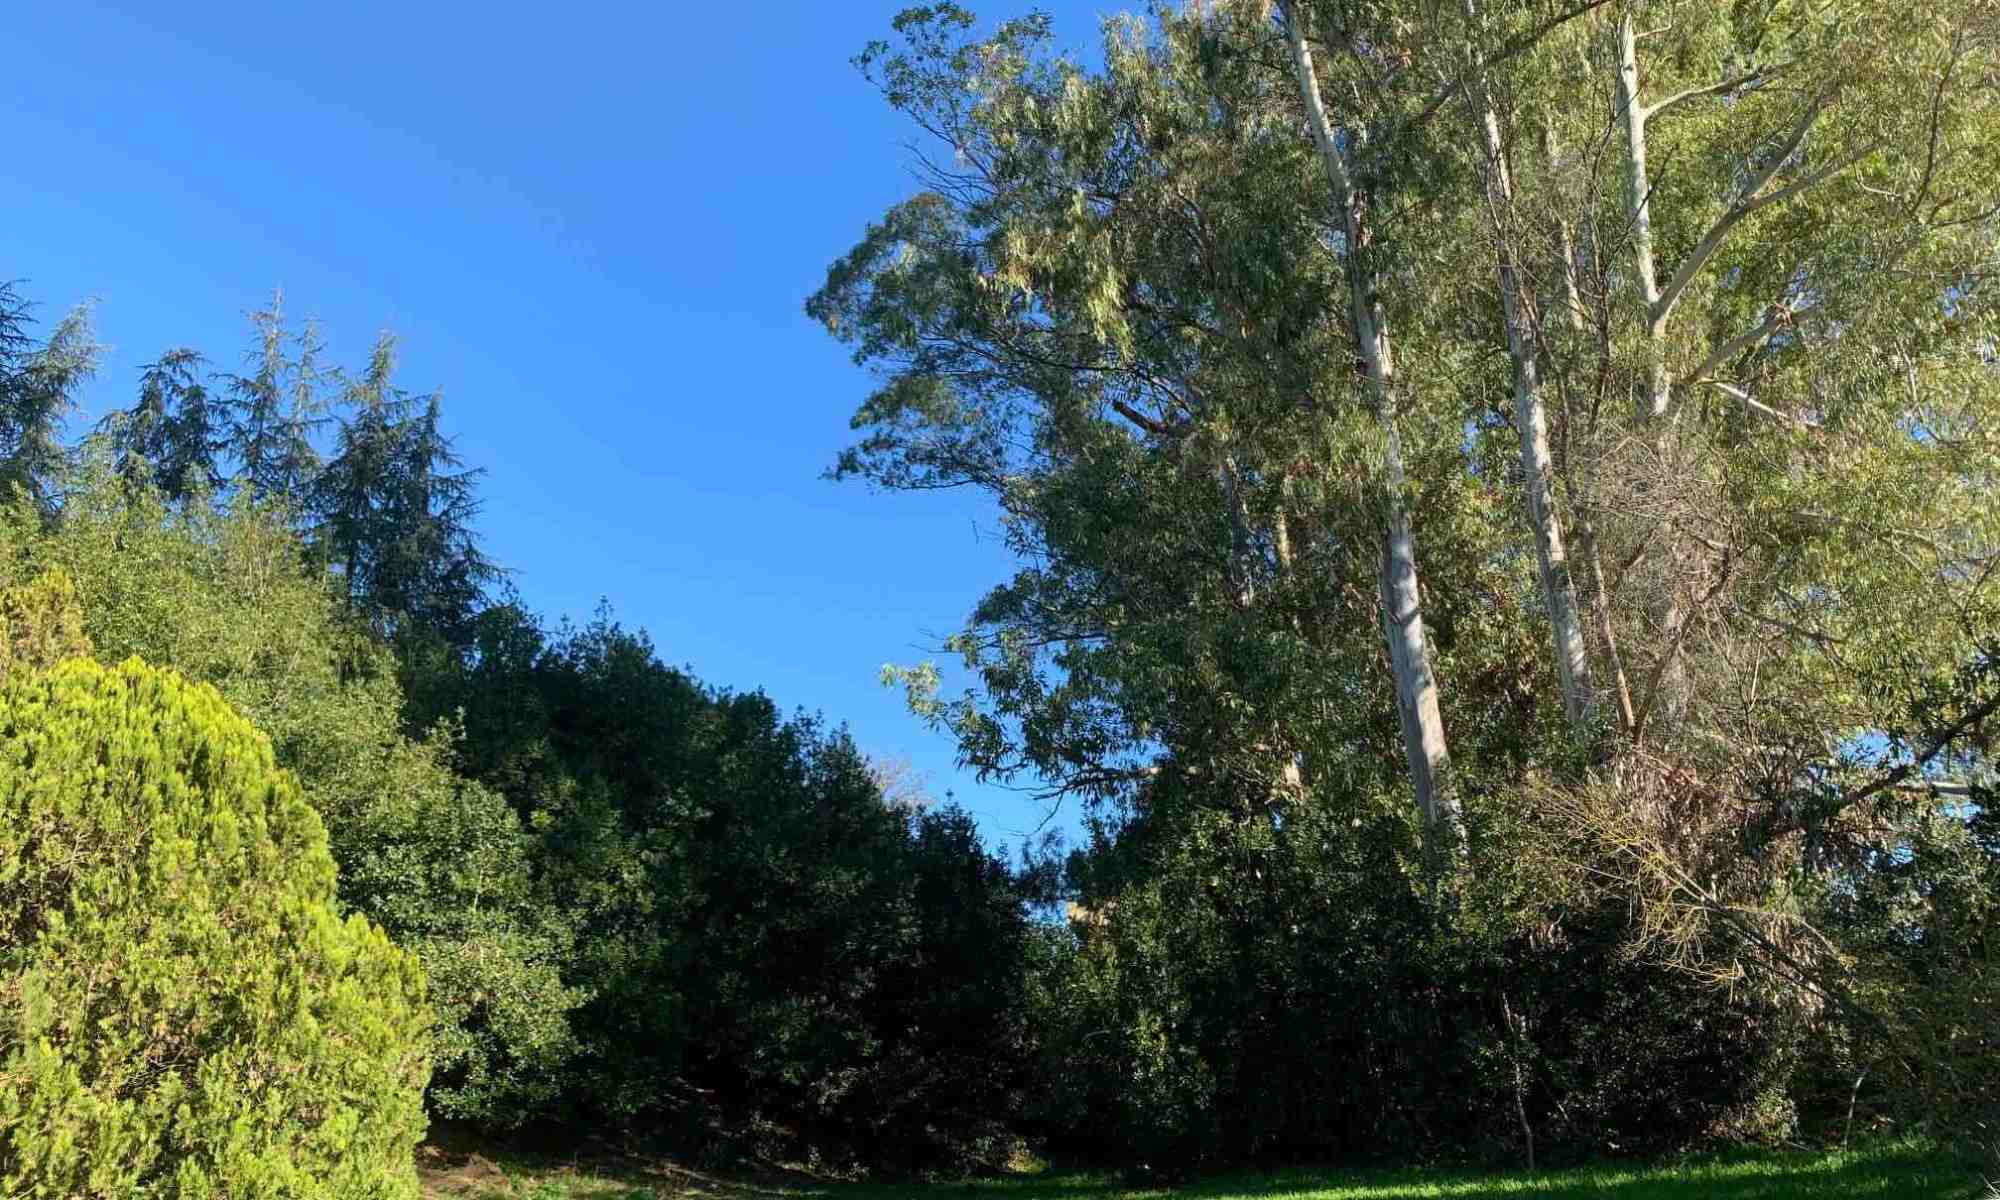 alberi-verde-cielo-prato